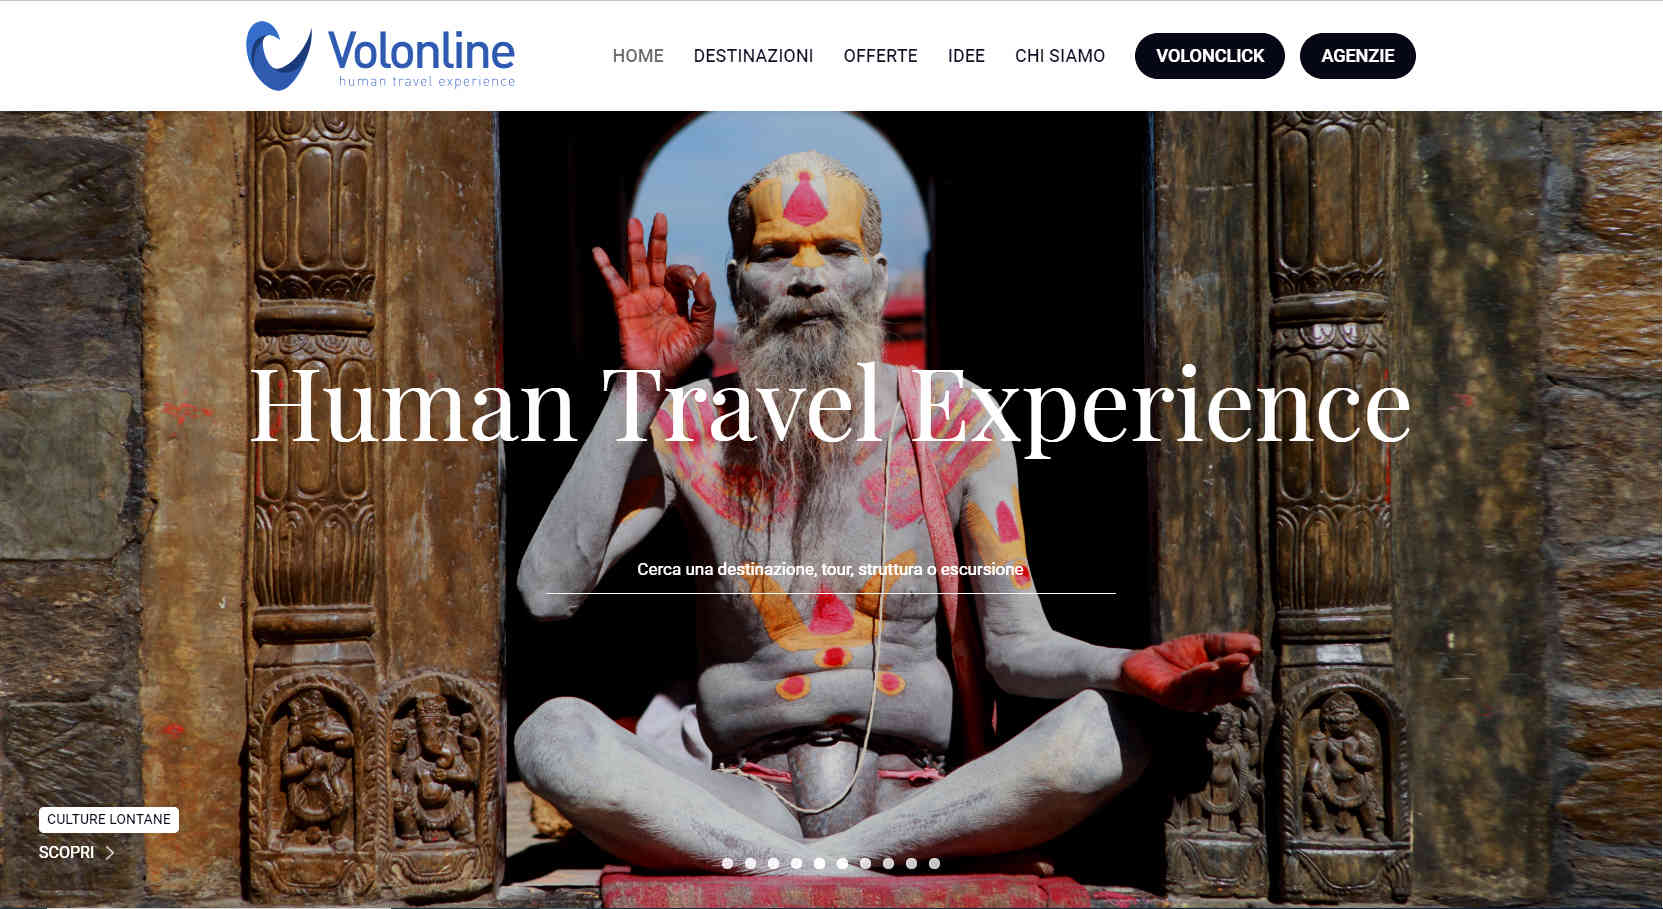 Nuova brand identity per Volonline